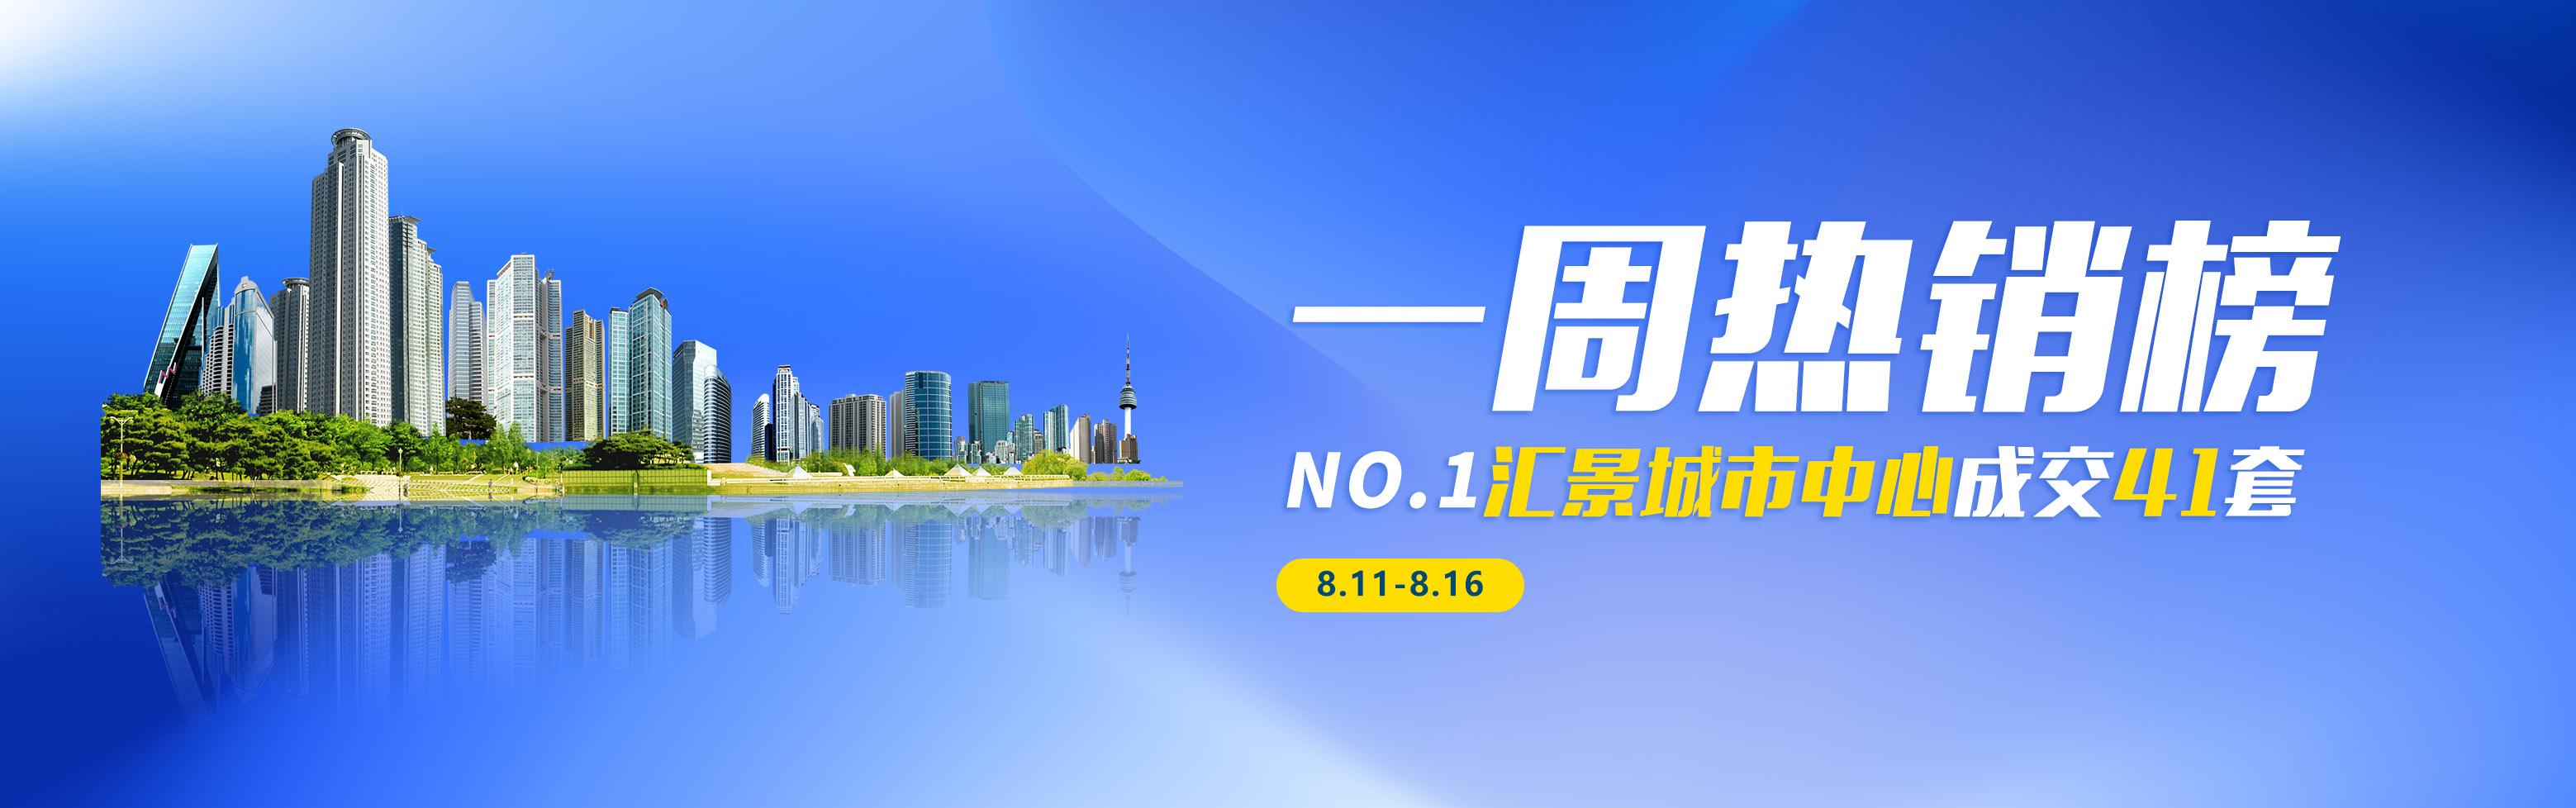 一周热销榜(8.11-8.16)